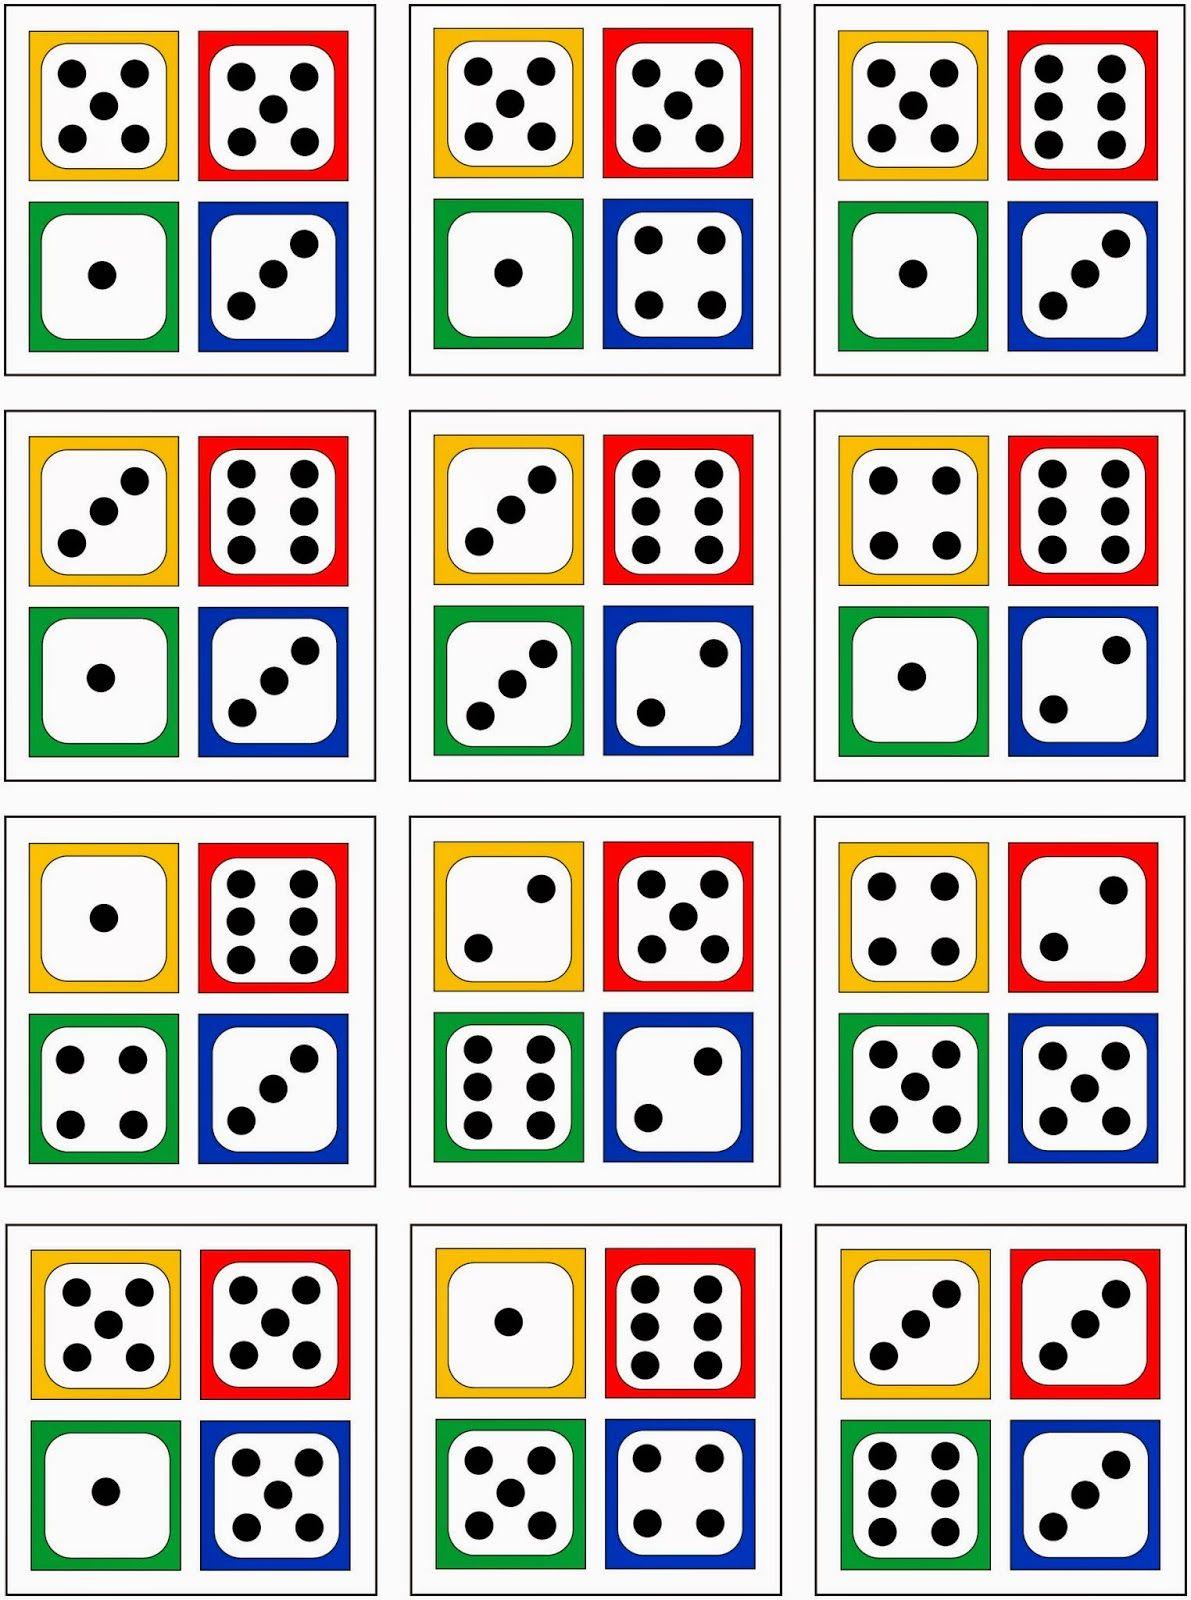 4 w rfelbilder zur erfassung von anzahlen bis 20 mathe w rfelbilder mathe unterrichten und. Black Bedroom Furniture Sets. Home Design Ideas